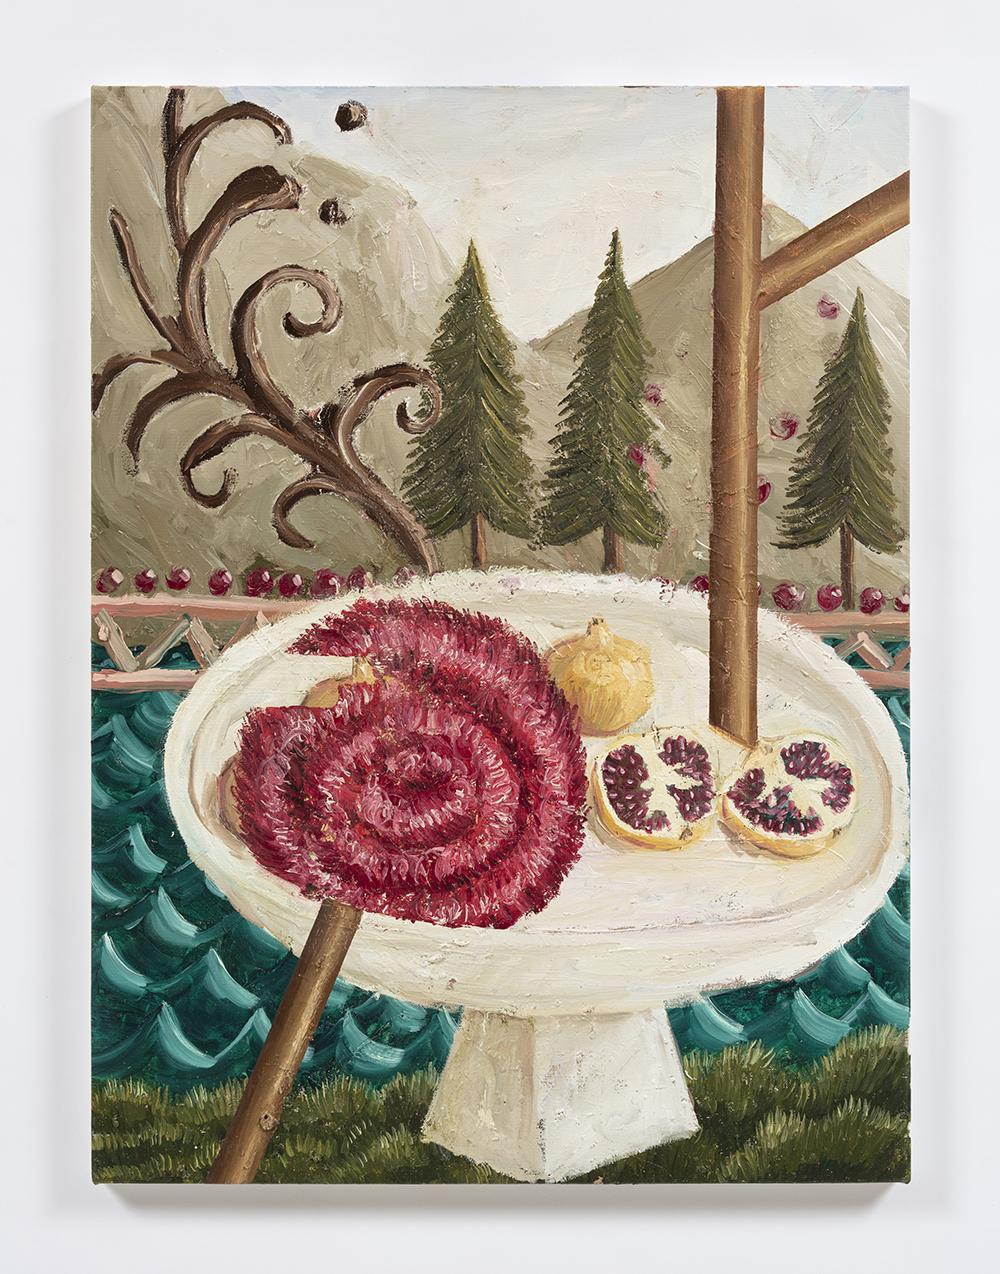 Siro Cugusi. <em>Forest VI</em>, 2019. Oil on canvas, 31 1/2 x 23 5/8 inches (80 x 60 cm)